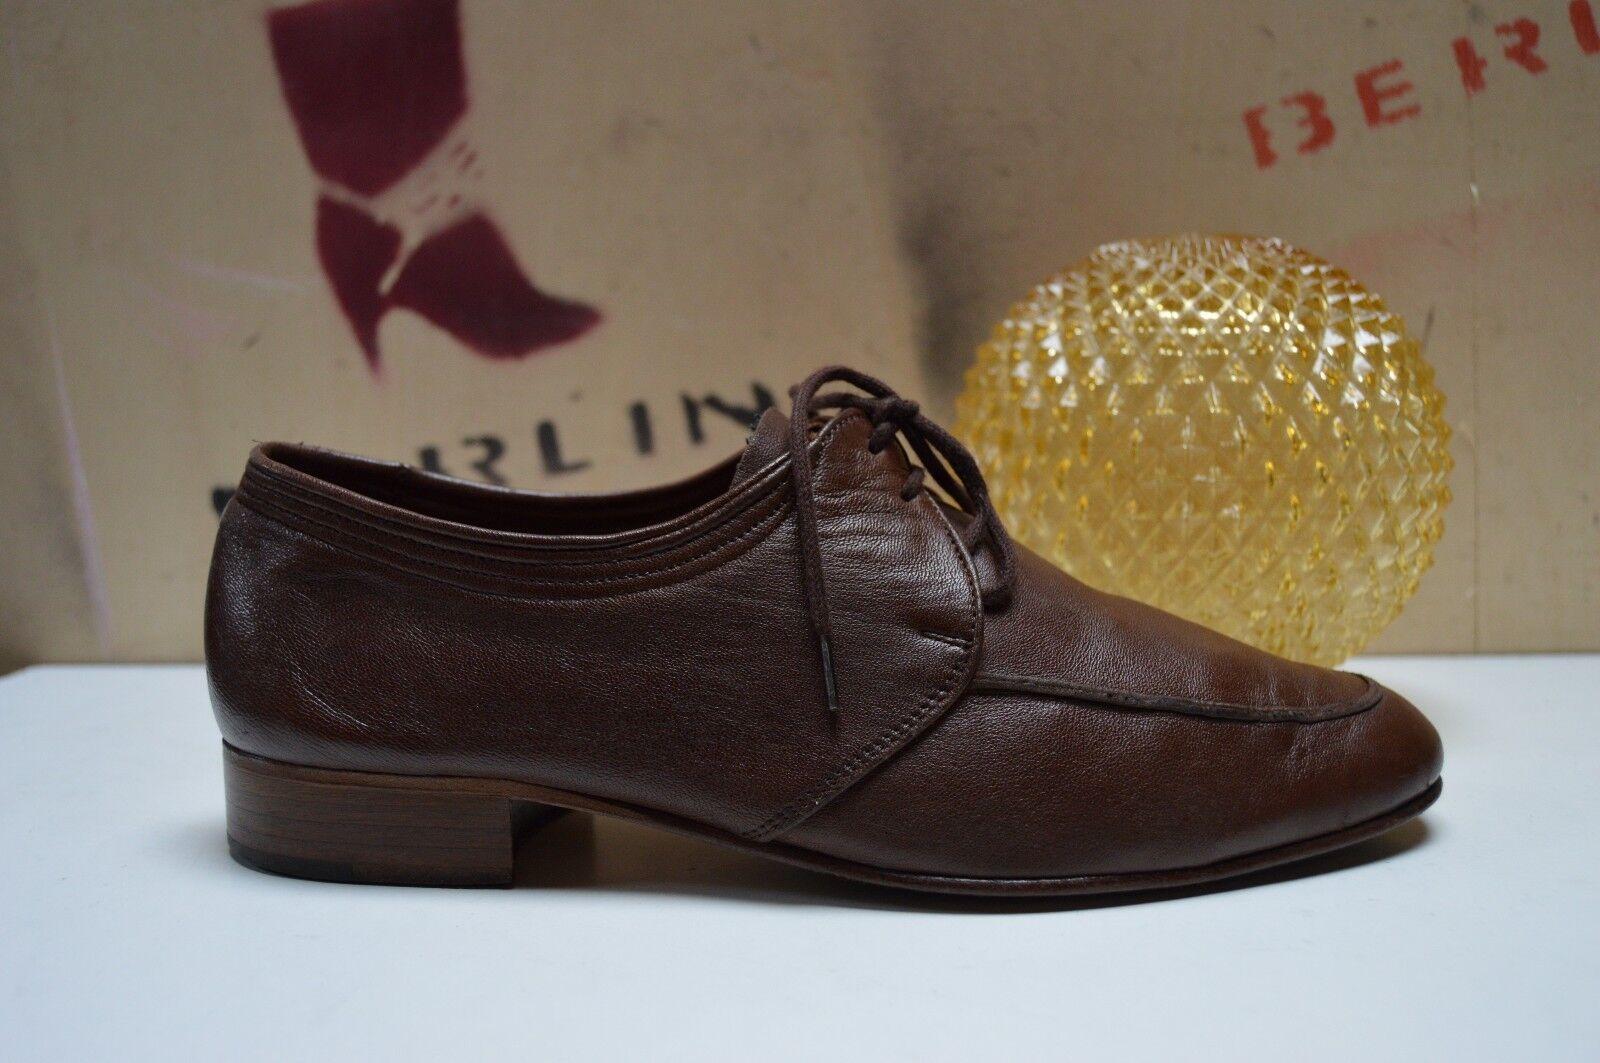 gli ultimi modelli Uomo normalissime Manz Manz Manz Marrone True Vintage Scarpe basse Marrone Pelle Leather  saldi